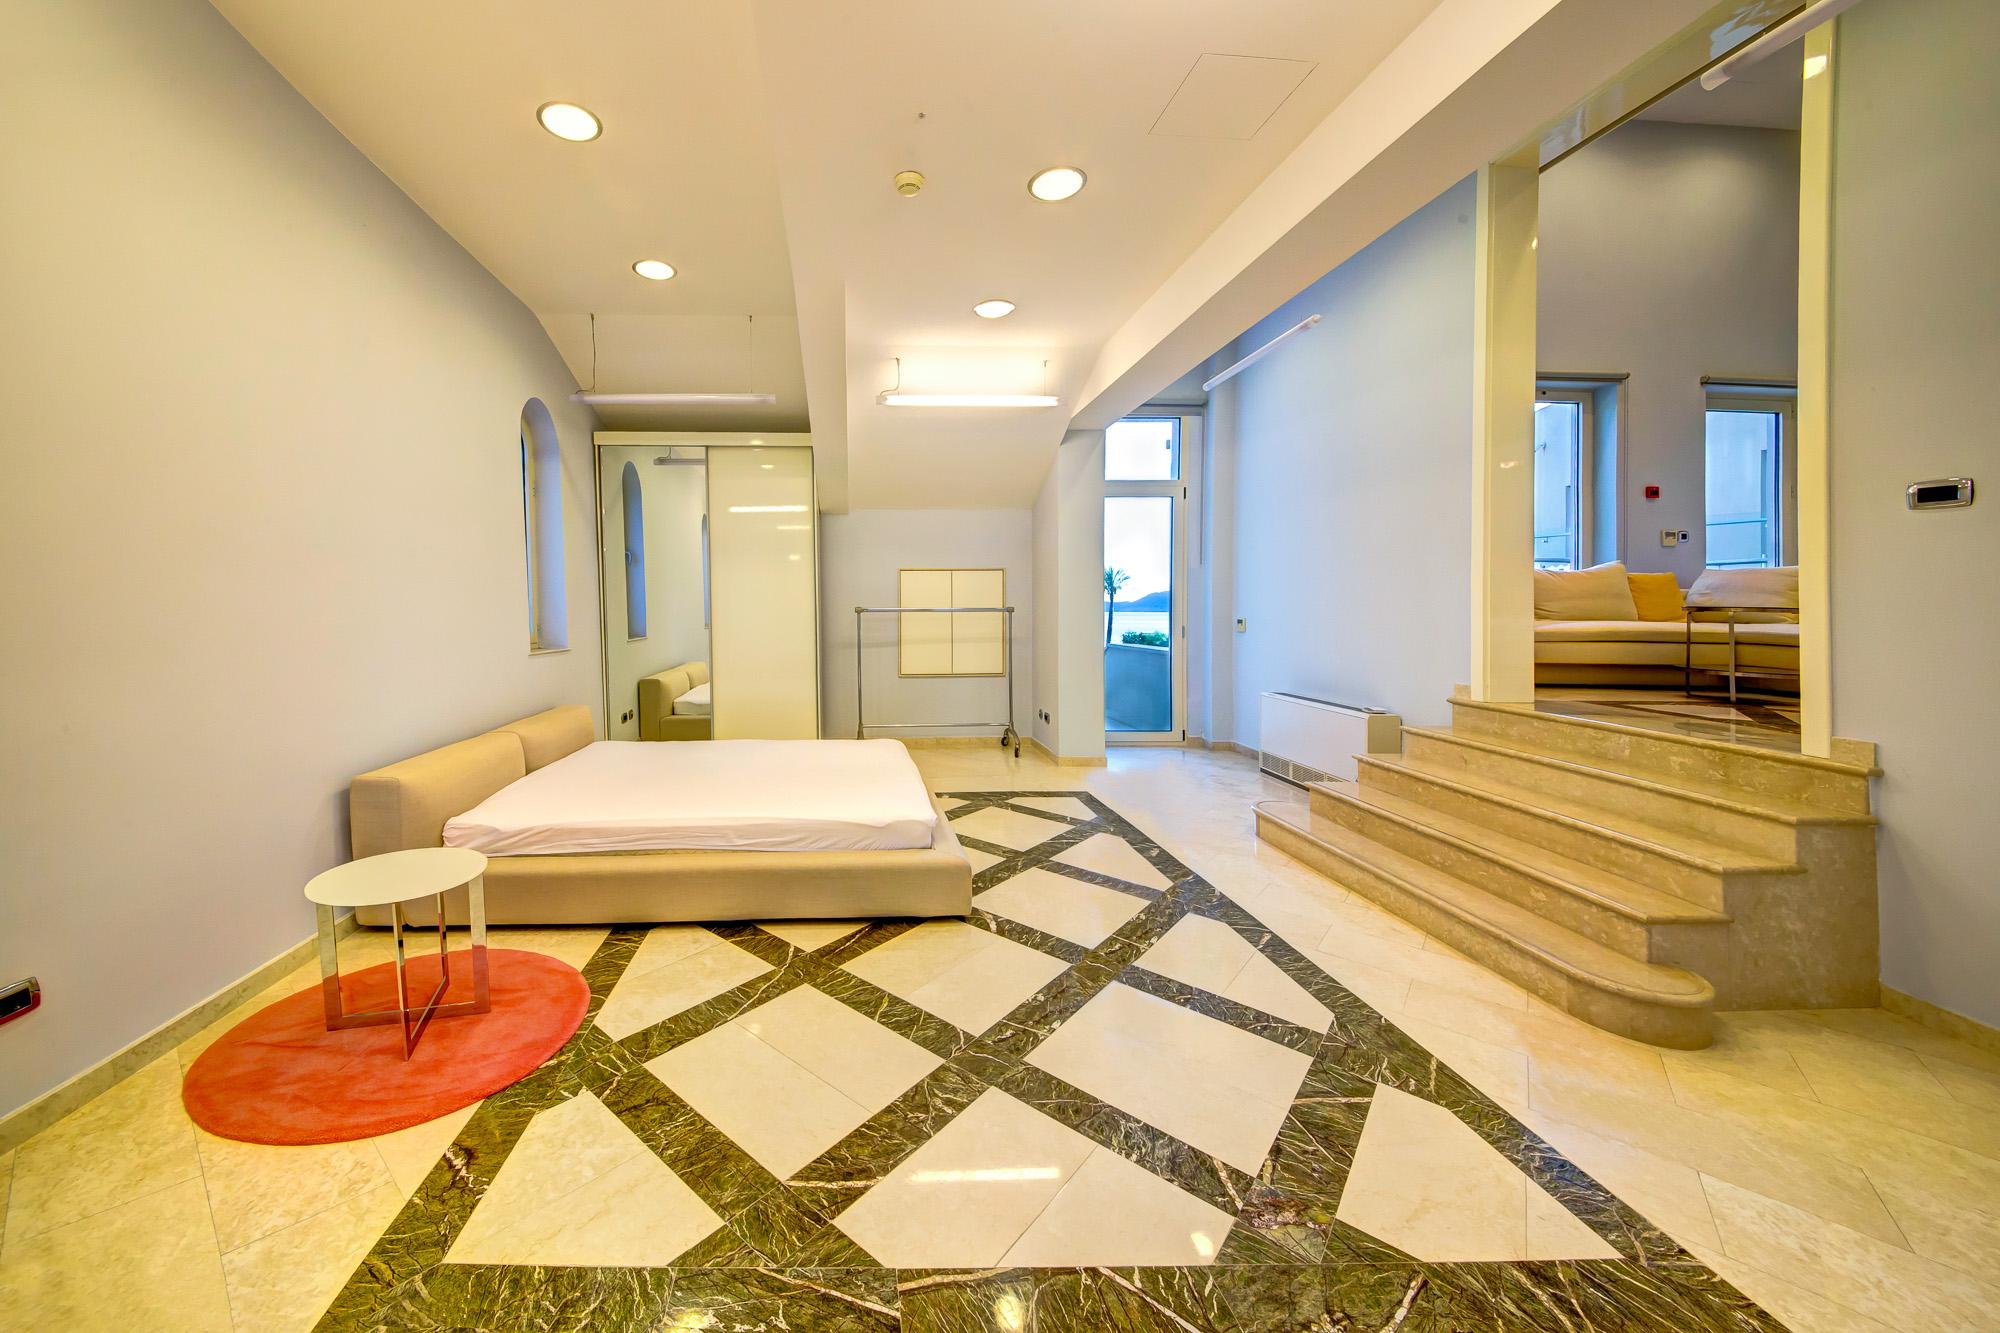 amforaproperty.com/Jedinstvena ponuda -Luksuzan stan u hotelu Splendid, Bečići